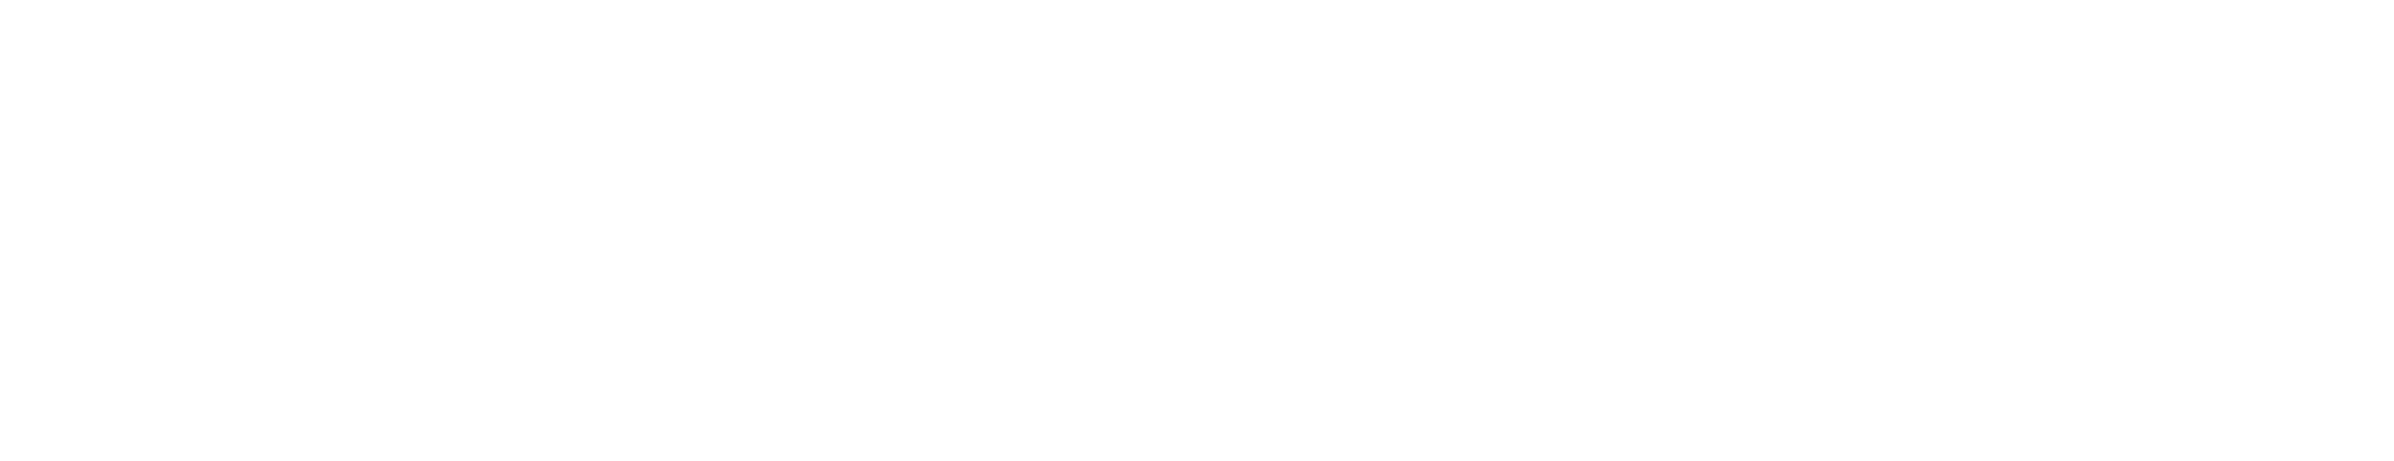 Logo de la Universidad Politécnica de Cartagena (UPCT)